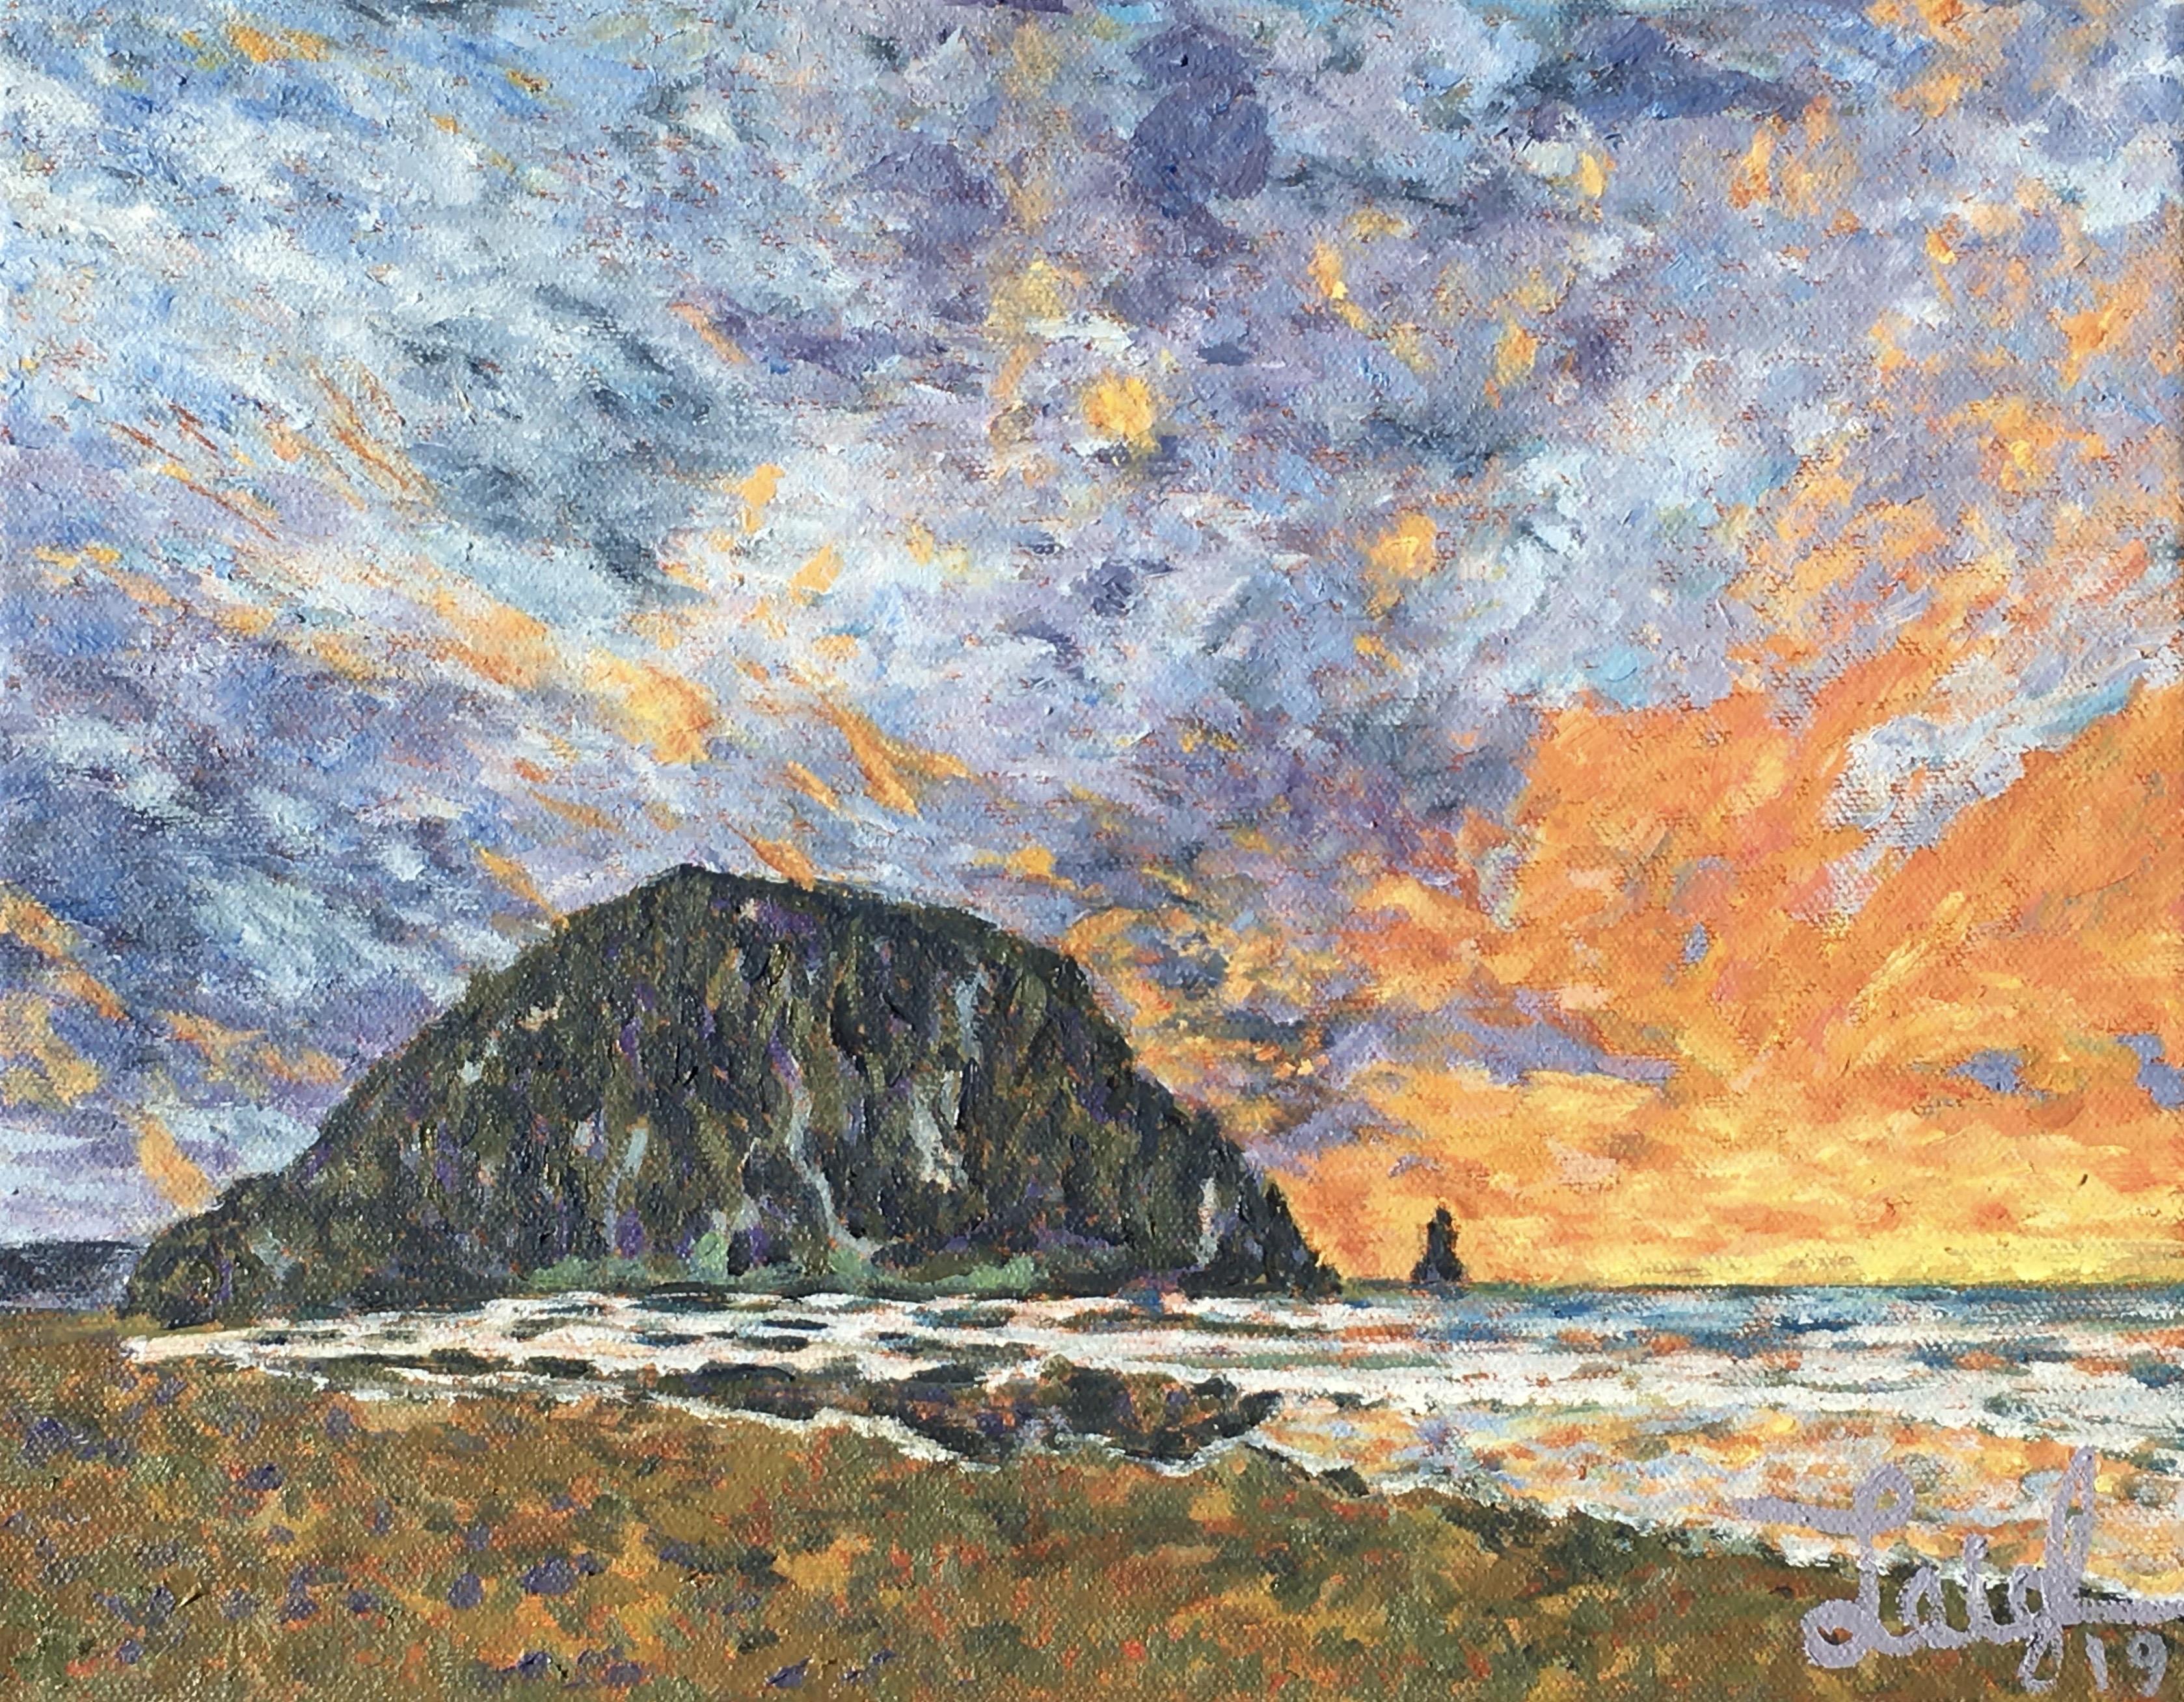 Morro Rock Series #3 (Sunset)  ~  Brian Pickett, La Jolla, CA 2019  •  14 x 11